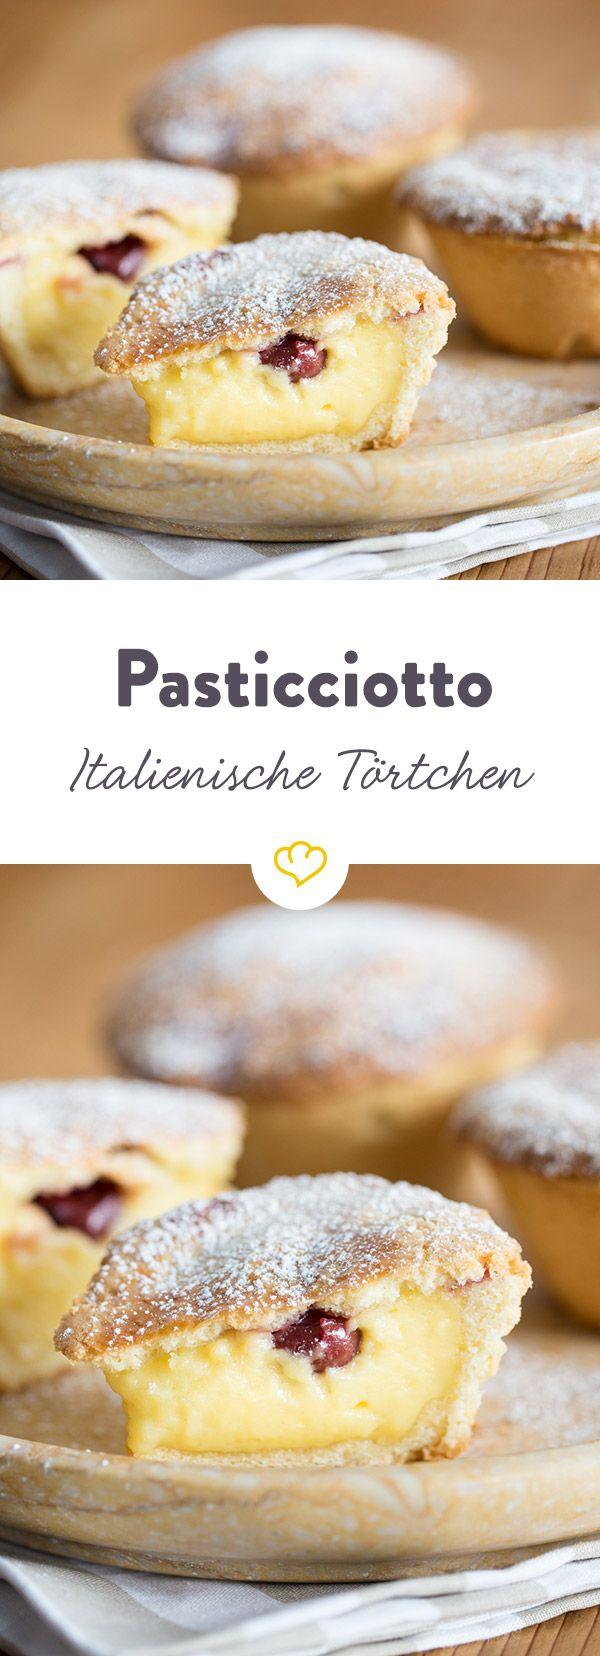 Pasticciotto: gefülltes Törtchen mit Sauerkirschen #dessertrecipes